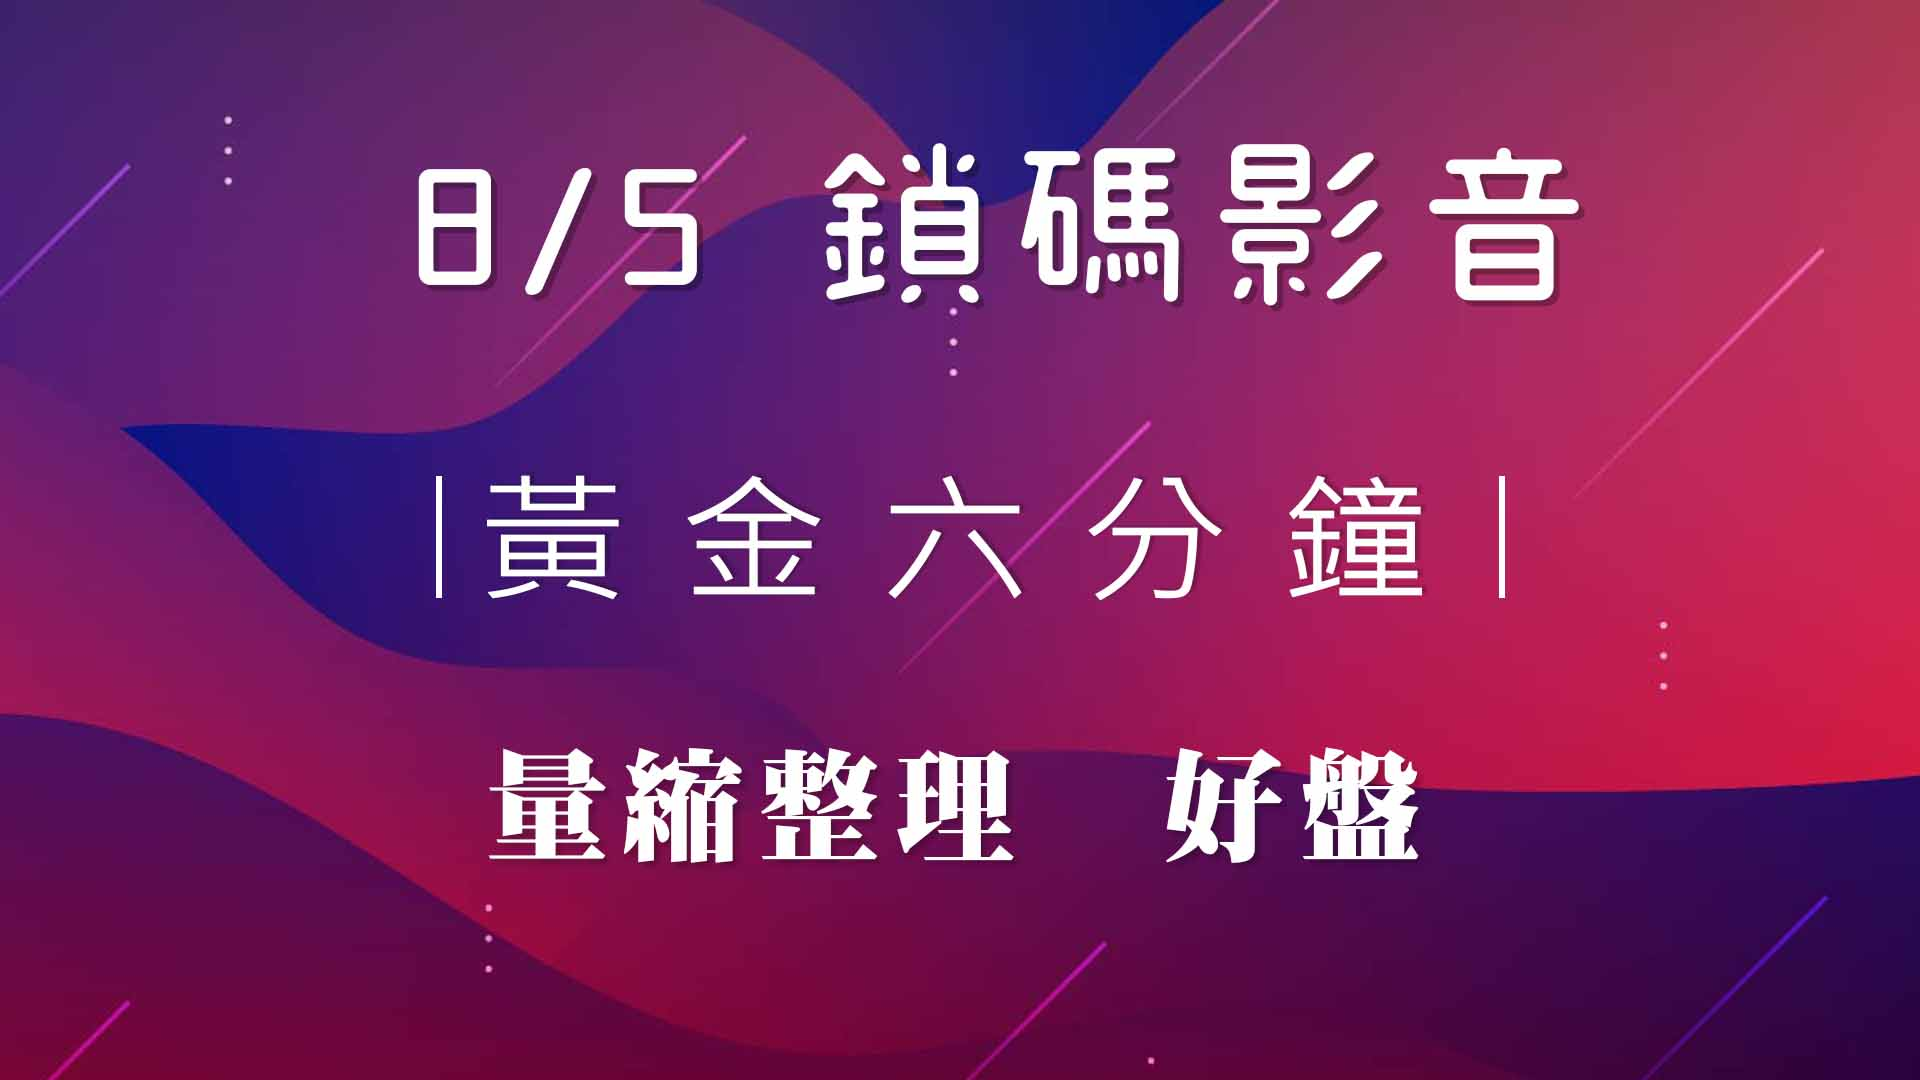 【王曈2021/08/05】鎖碼影音(試看)